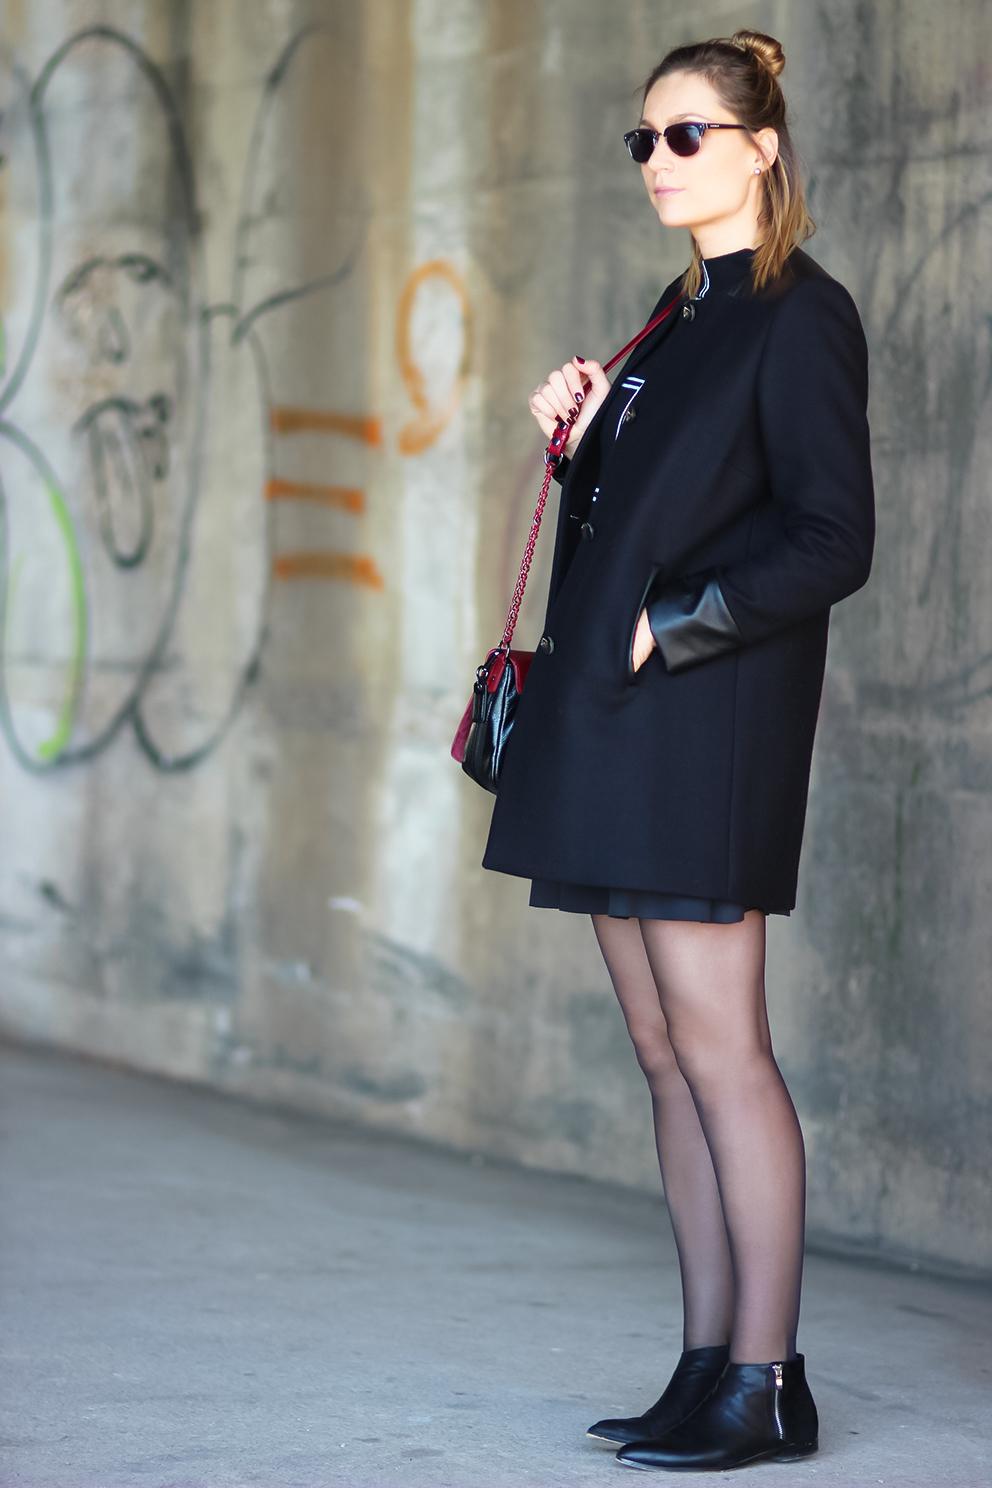 manteau noir hiver 1 2 3 Paris Blog mode Lyon Artlex